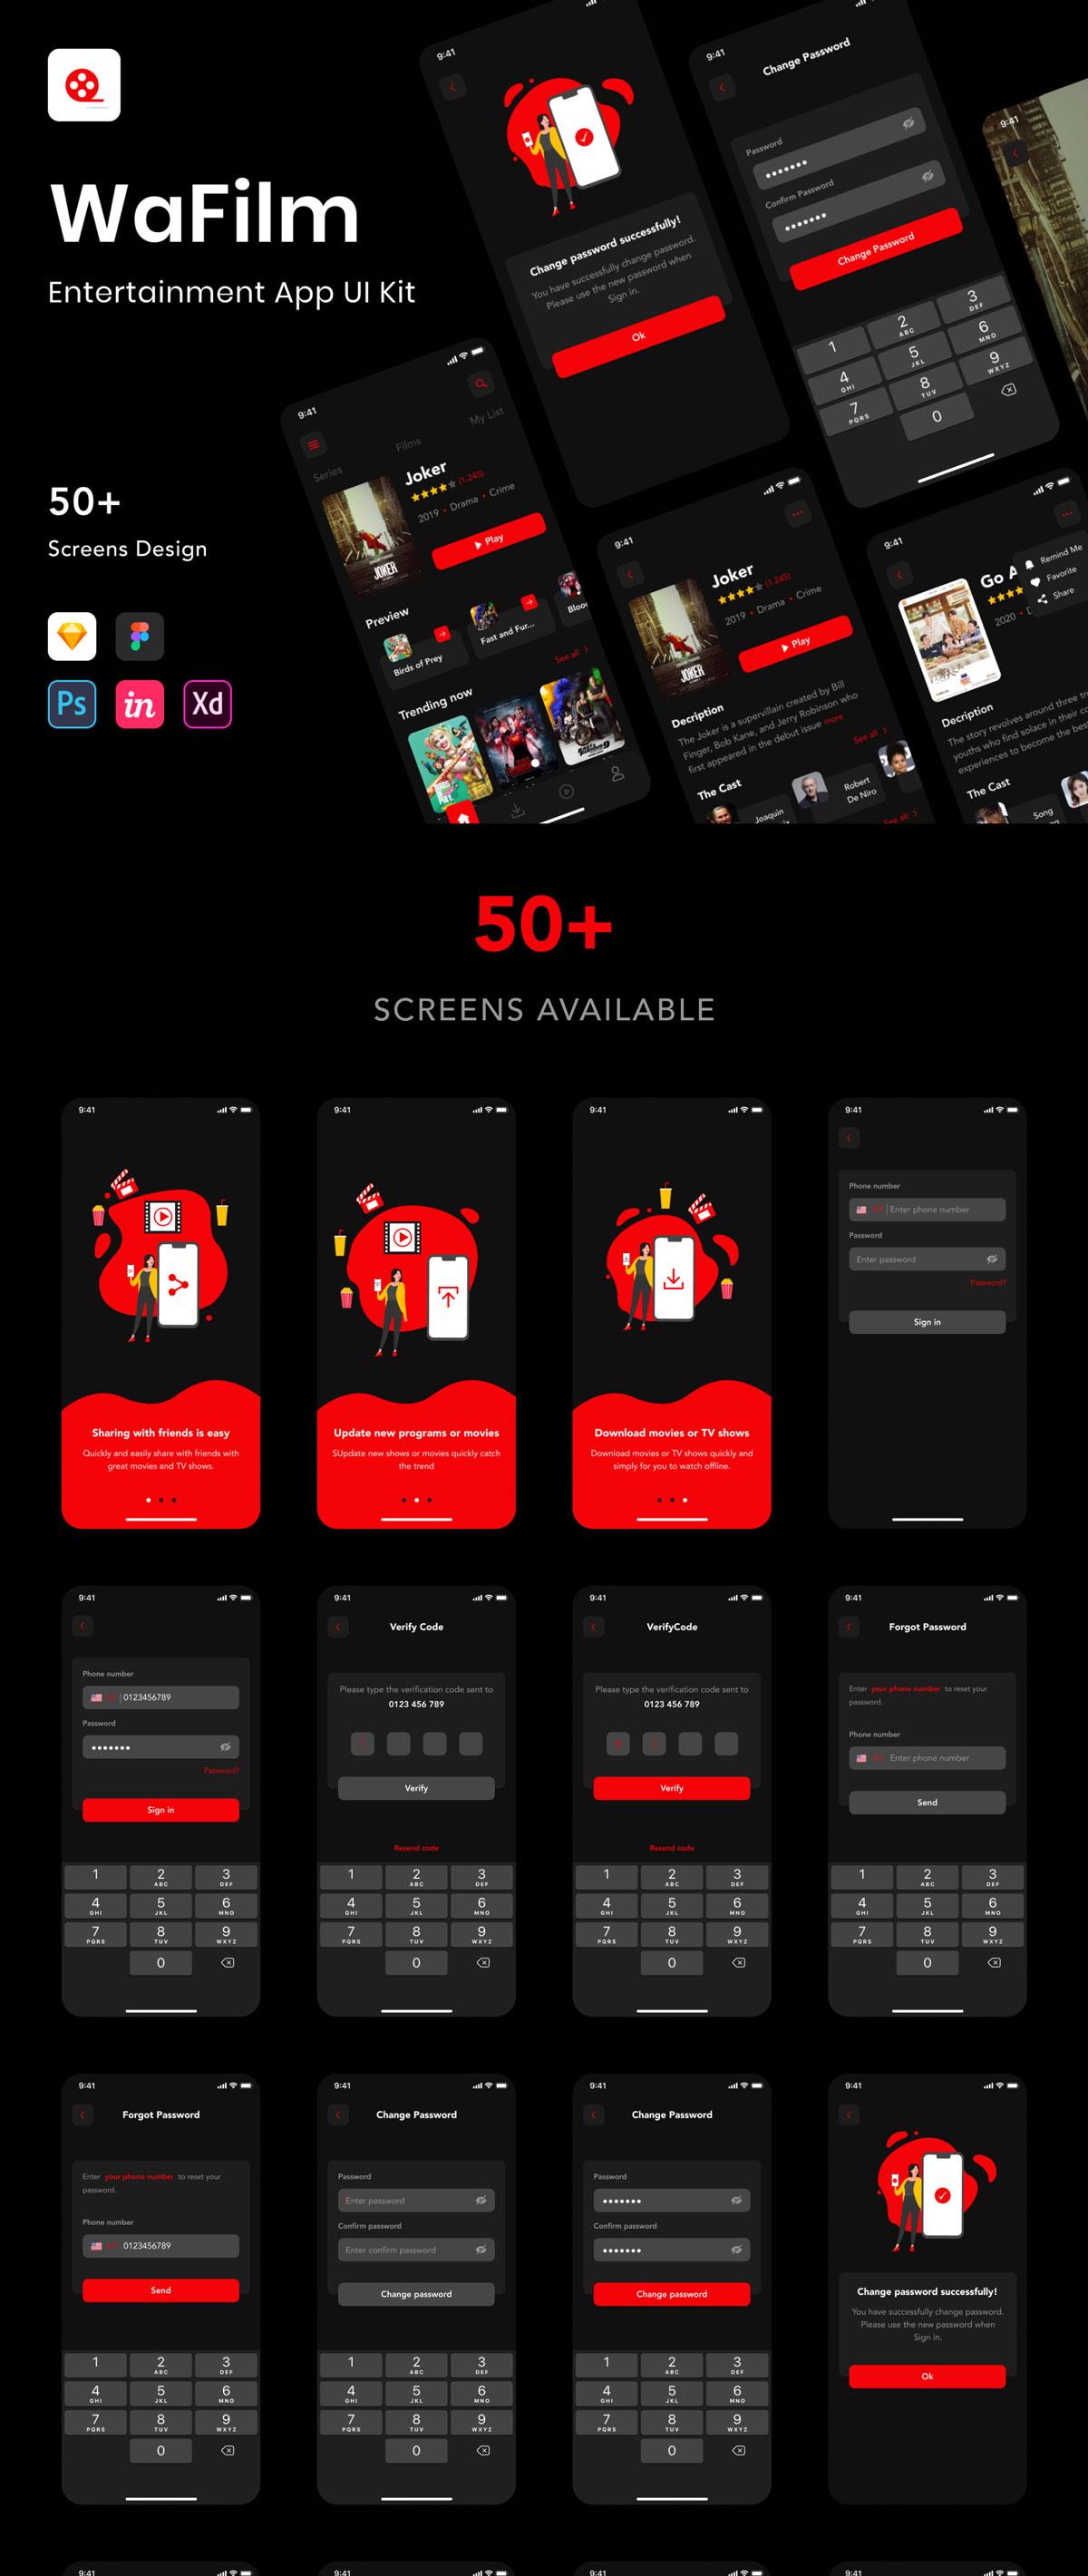 现代暗黑色电影视频娱乐APP应用程序界面设计UI套件 WaFilm – Entertainment App UI Kit插图